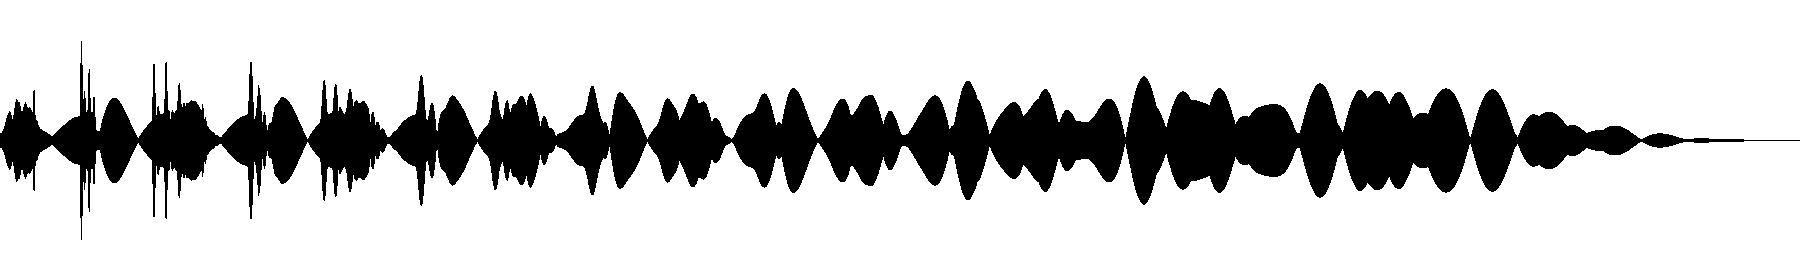 vedh bass cut 018 f